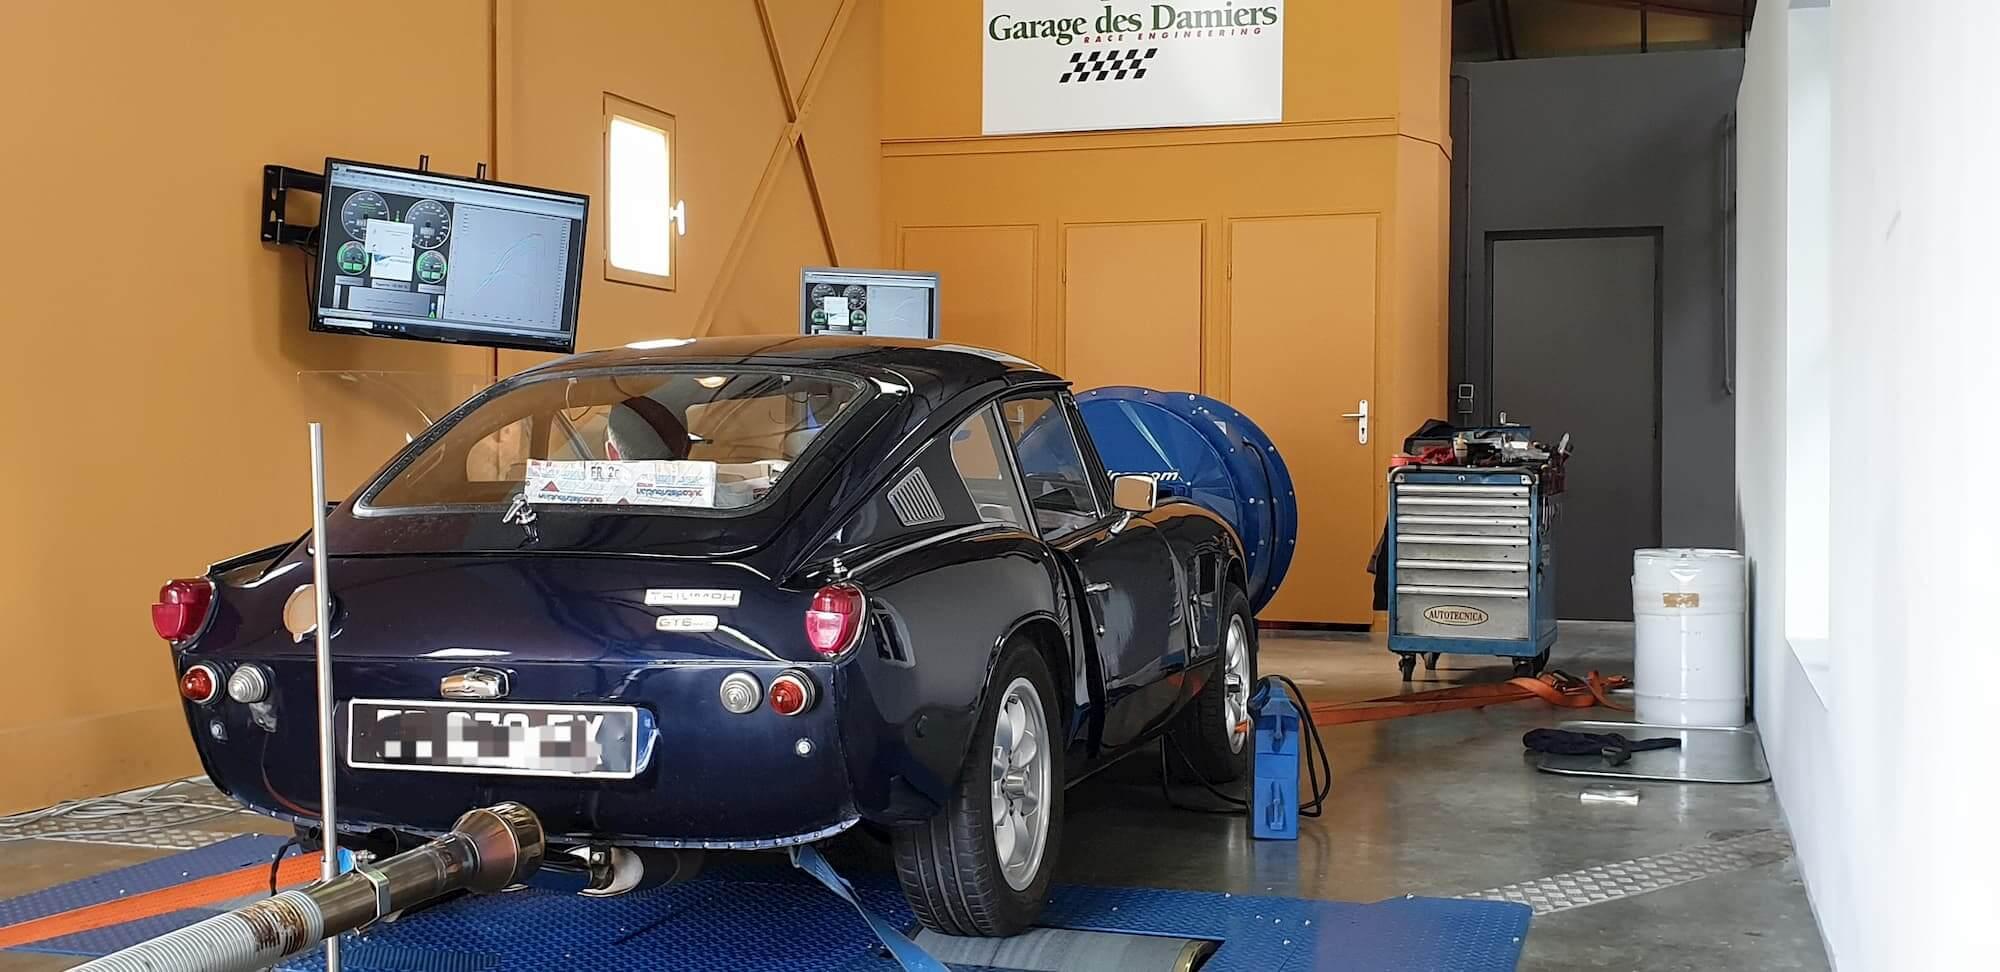 Triumph GT6 sur le banc de puissance Rotronics du Garage des Damiers